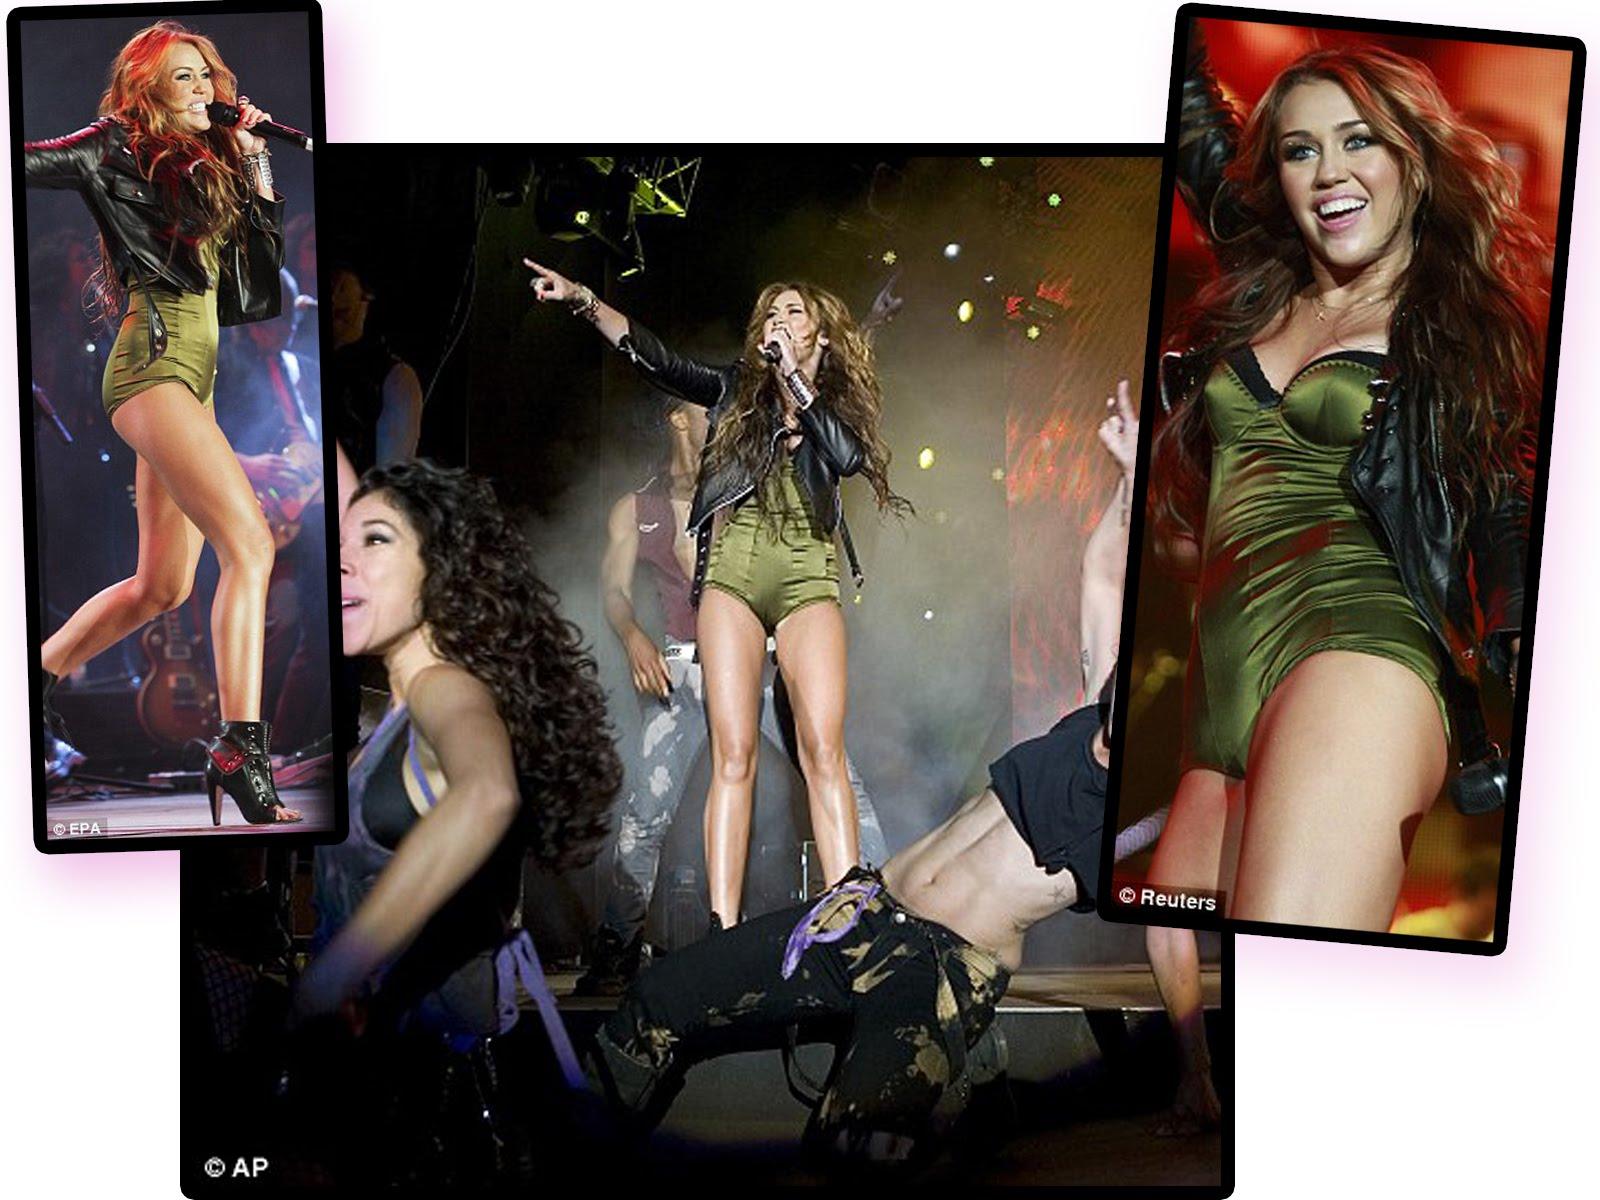 http://2.bp.blogspot.com/_Kt-Hcllj5zQ/TAM4ga6X1MI/AAAAAAAAA0g/5XIzkLFXJR8/s1600/MILLEY.jpg